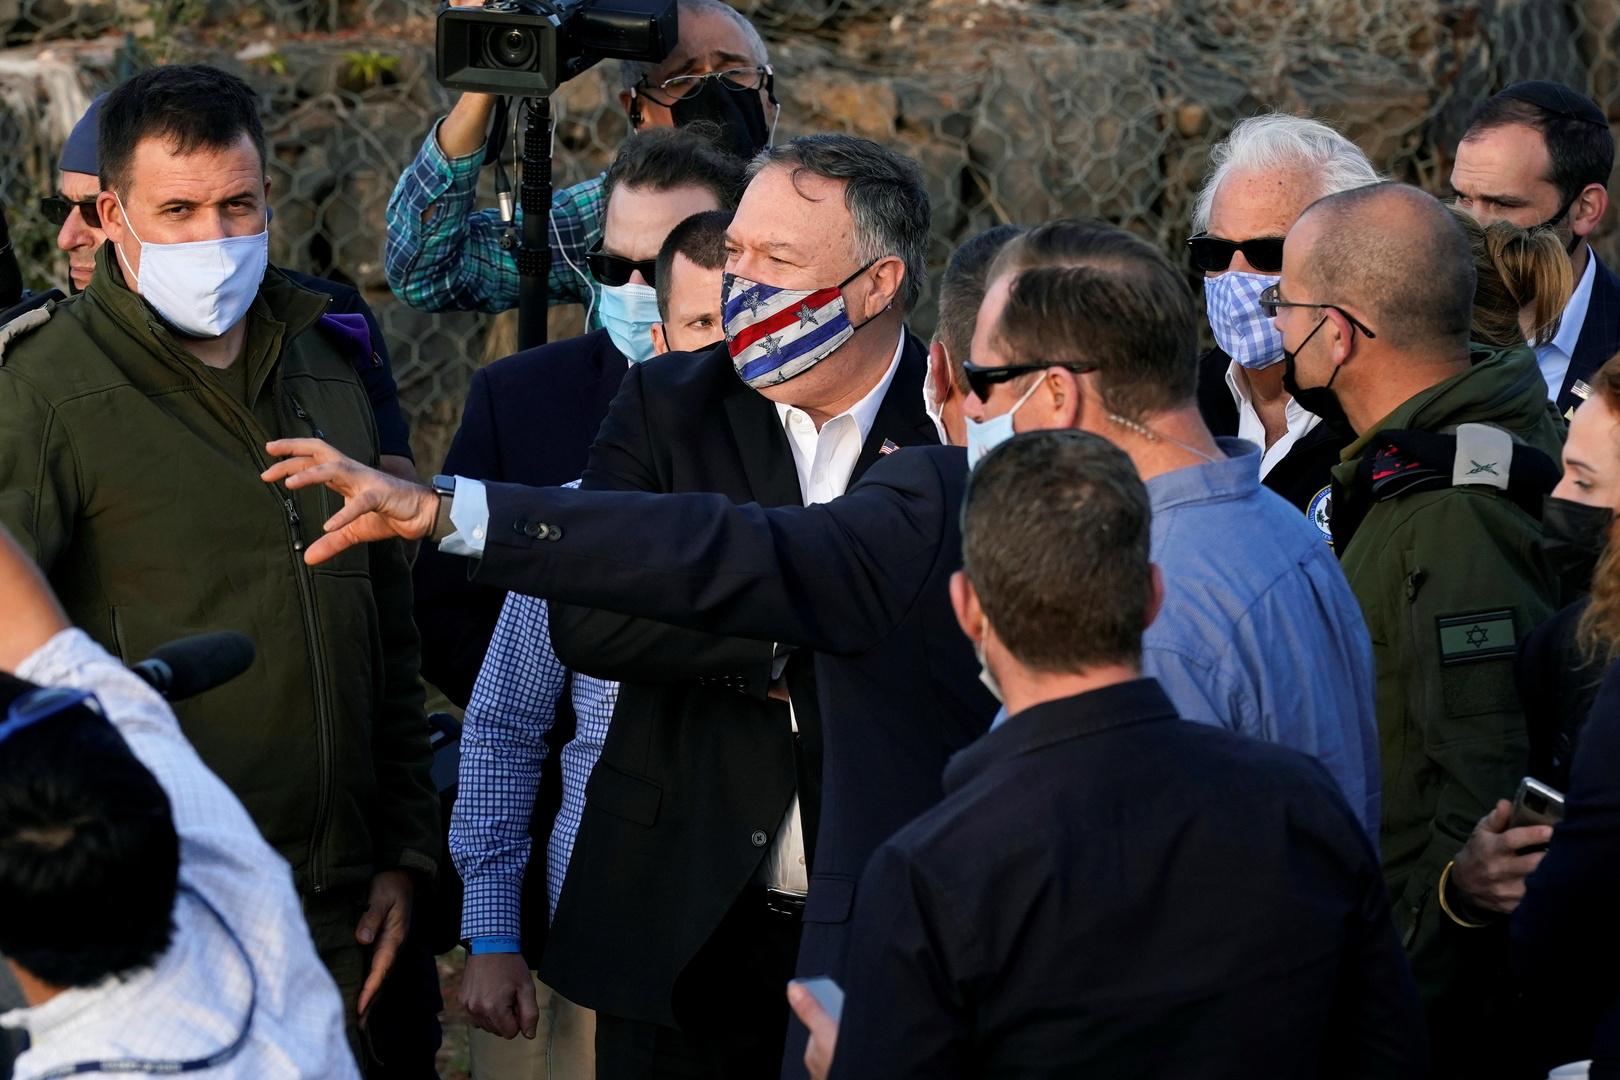 وزير الخارجية الأمريكي مايك بومبيو في الجولان السوري المحتل